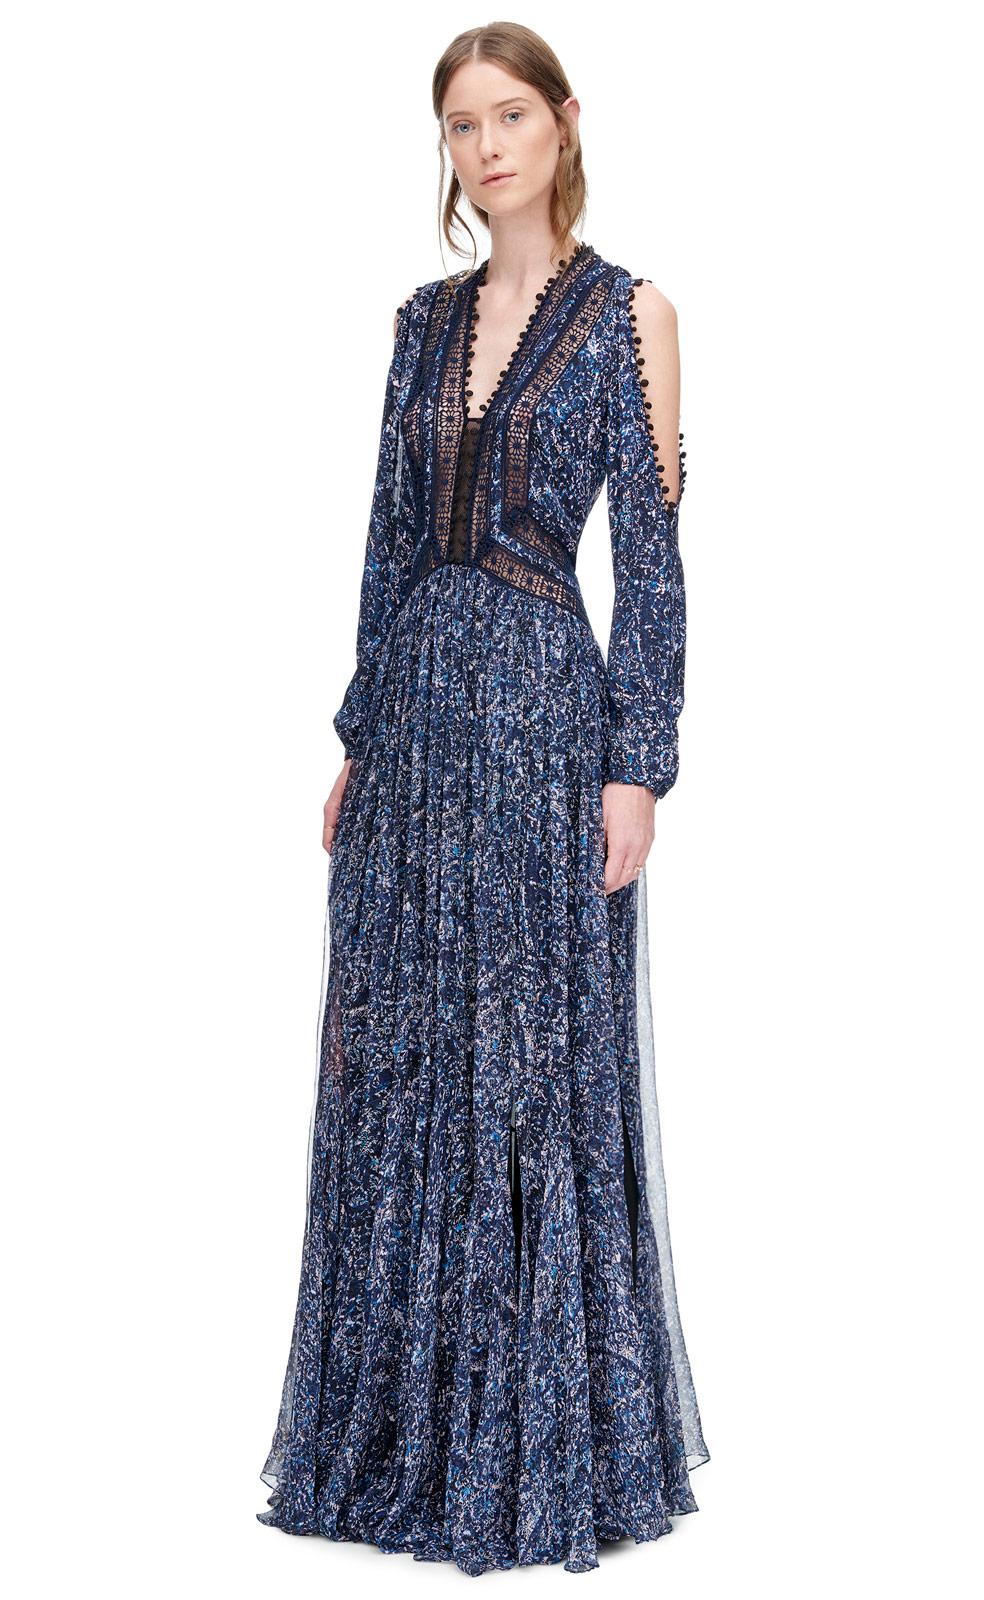 Rebecca taylor Block Print Maxi Dress in Blue - Lyst